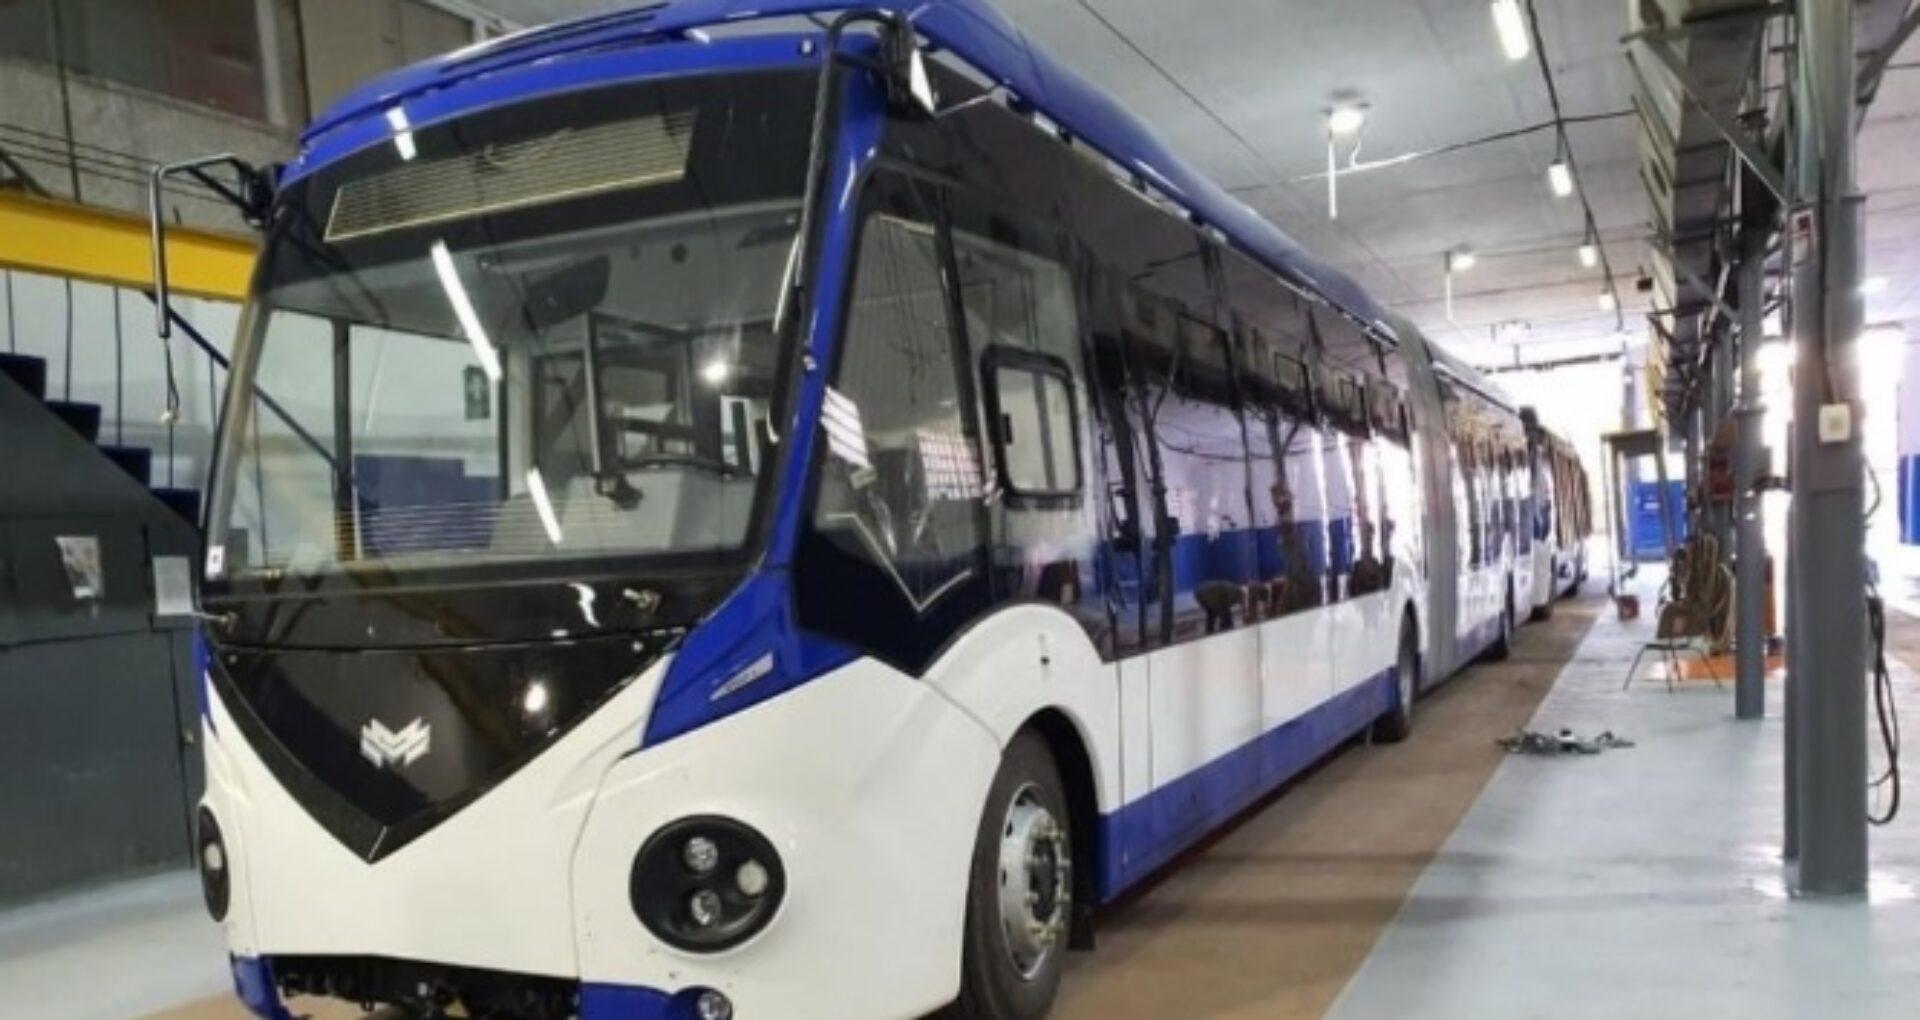 FOTO/ Două troleibuze noi, aduse din Belarus, vor fi lansate pe rute, în capitală: un vehicul costă 315 mii de euro